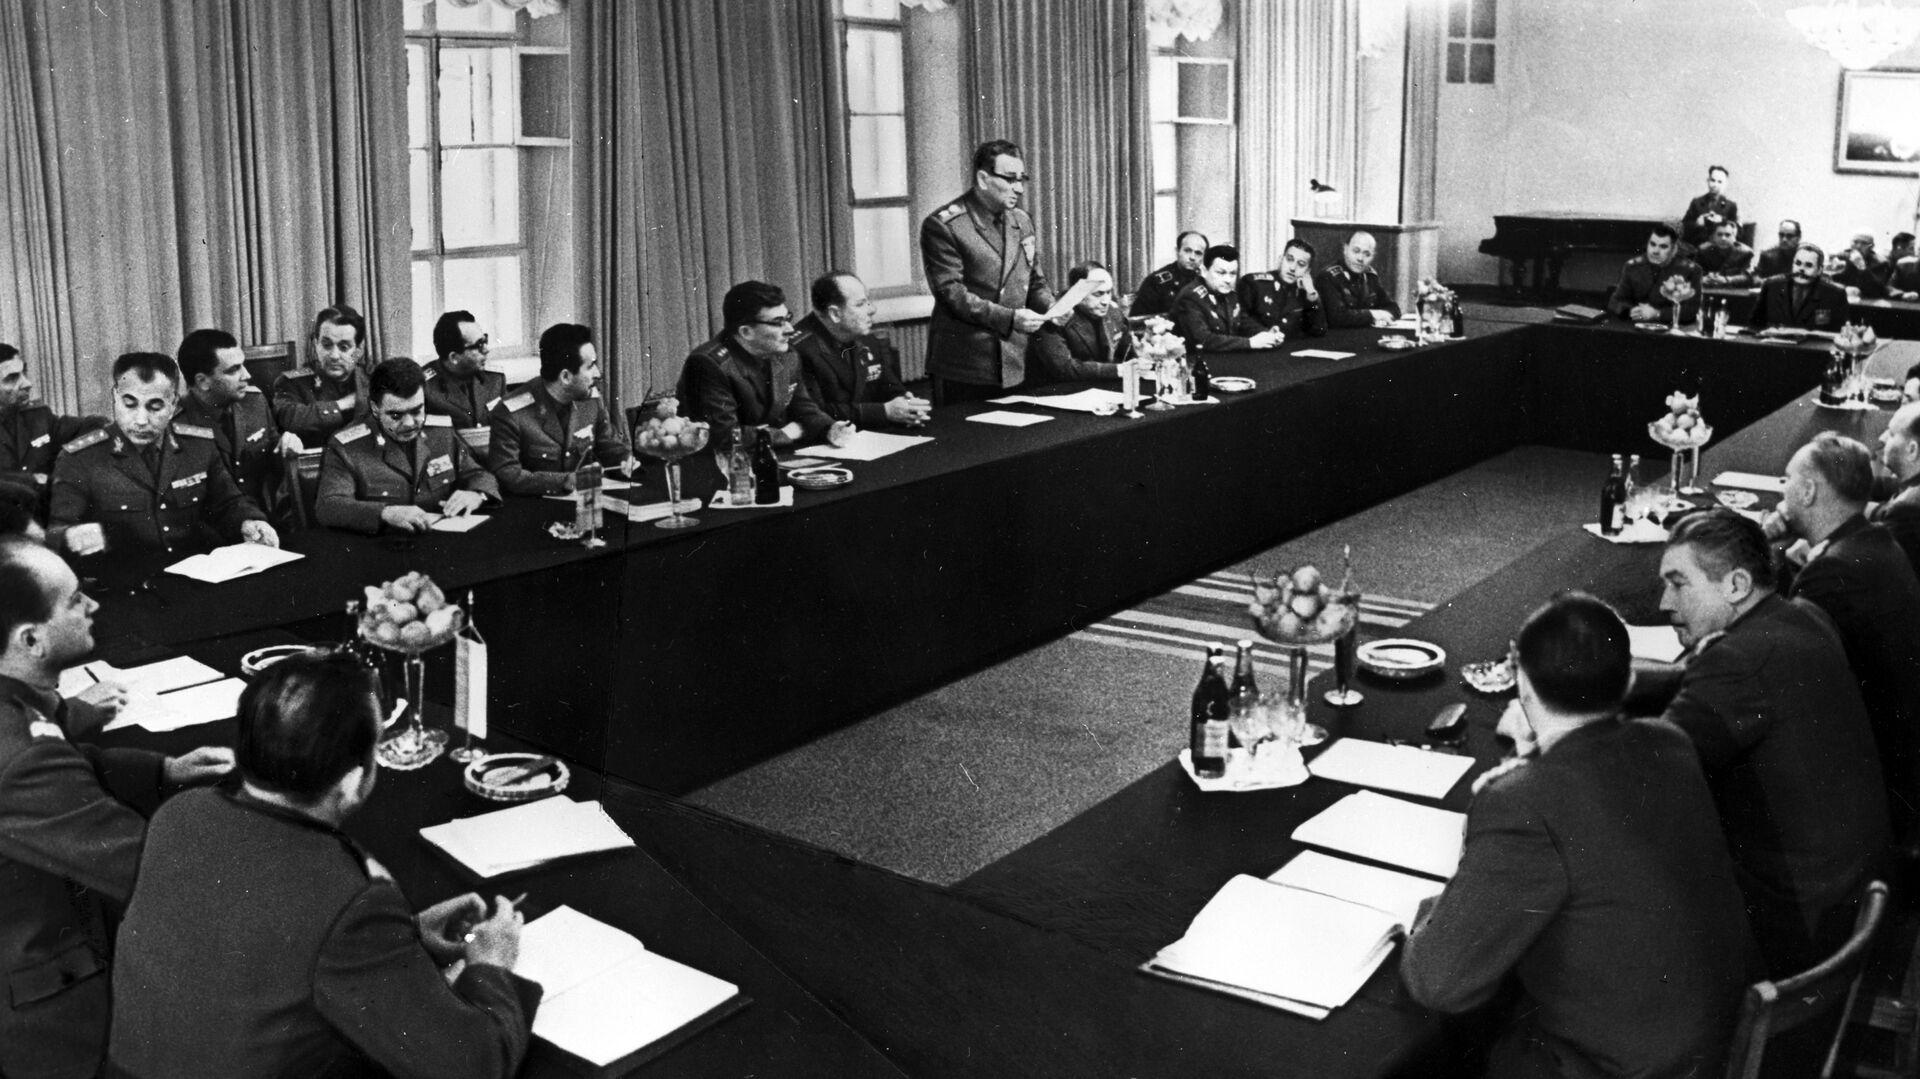 Setkání ministrů obrany členských států Varšavské smlouvy, rok 1968 - Sputnik Česká republika, 1920, 01.07.2021